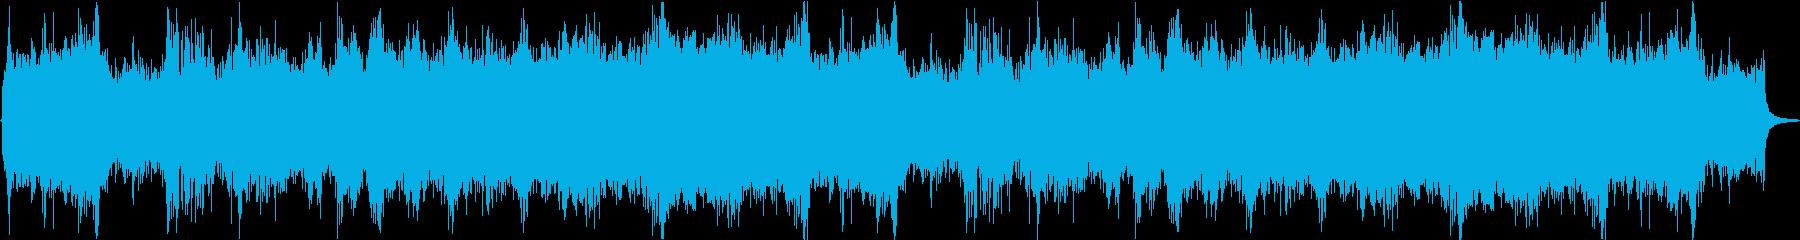 ファンタジー系(オーケストラ)戦闘曲の再生済みの波形